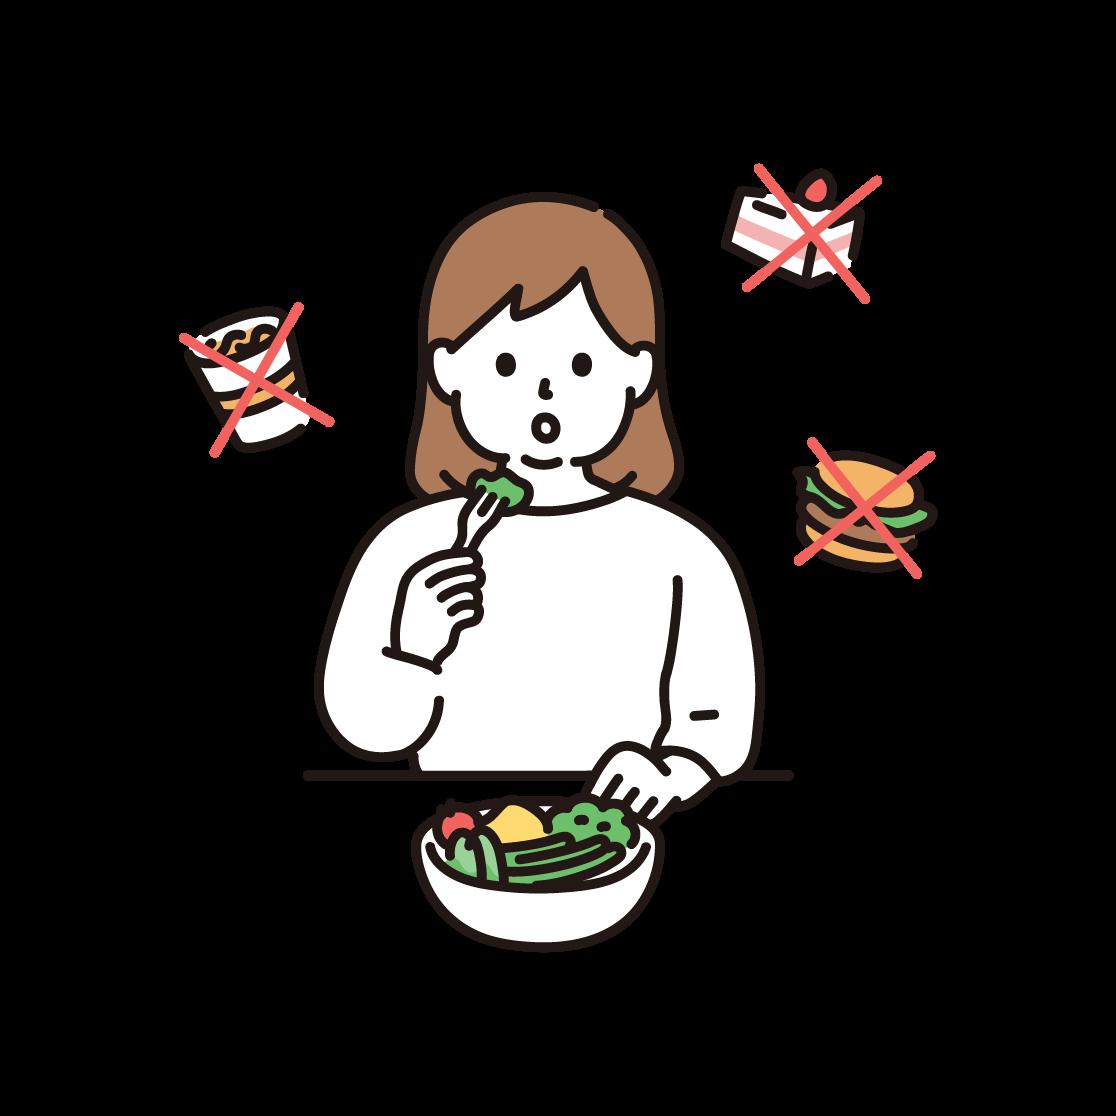 食事制限(ダイエット)をする女性